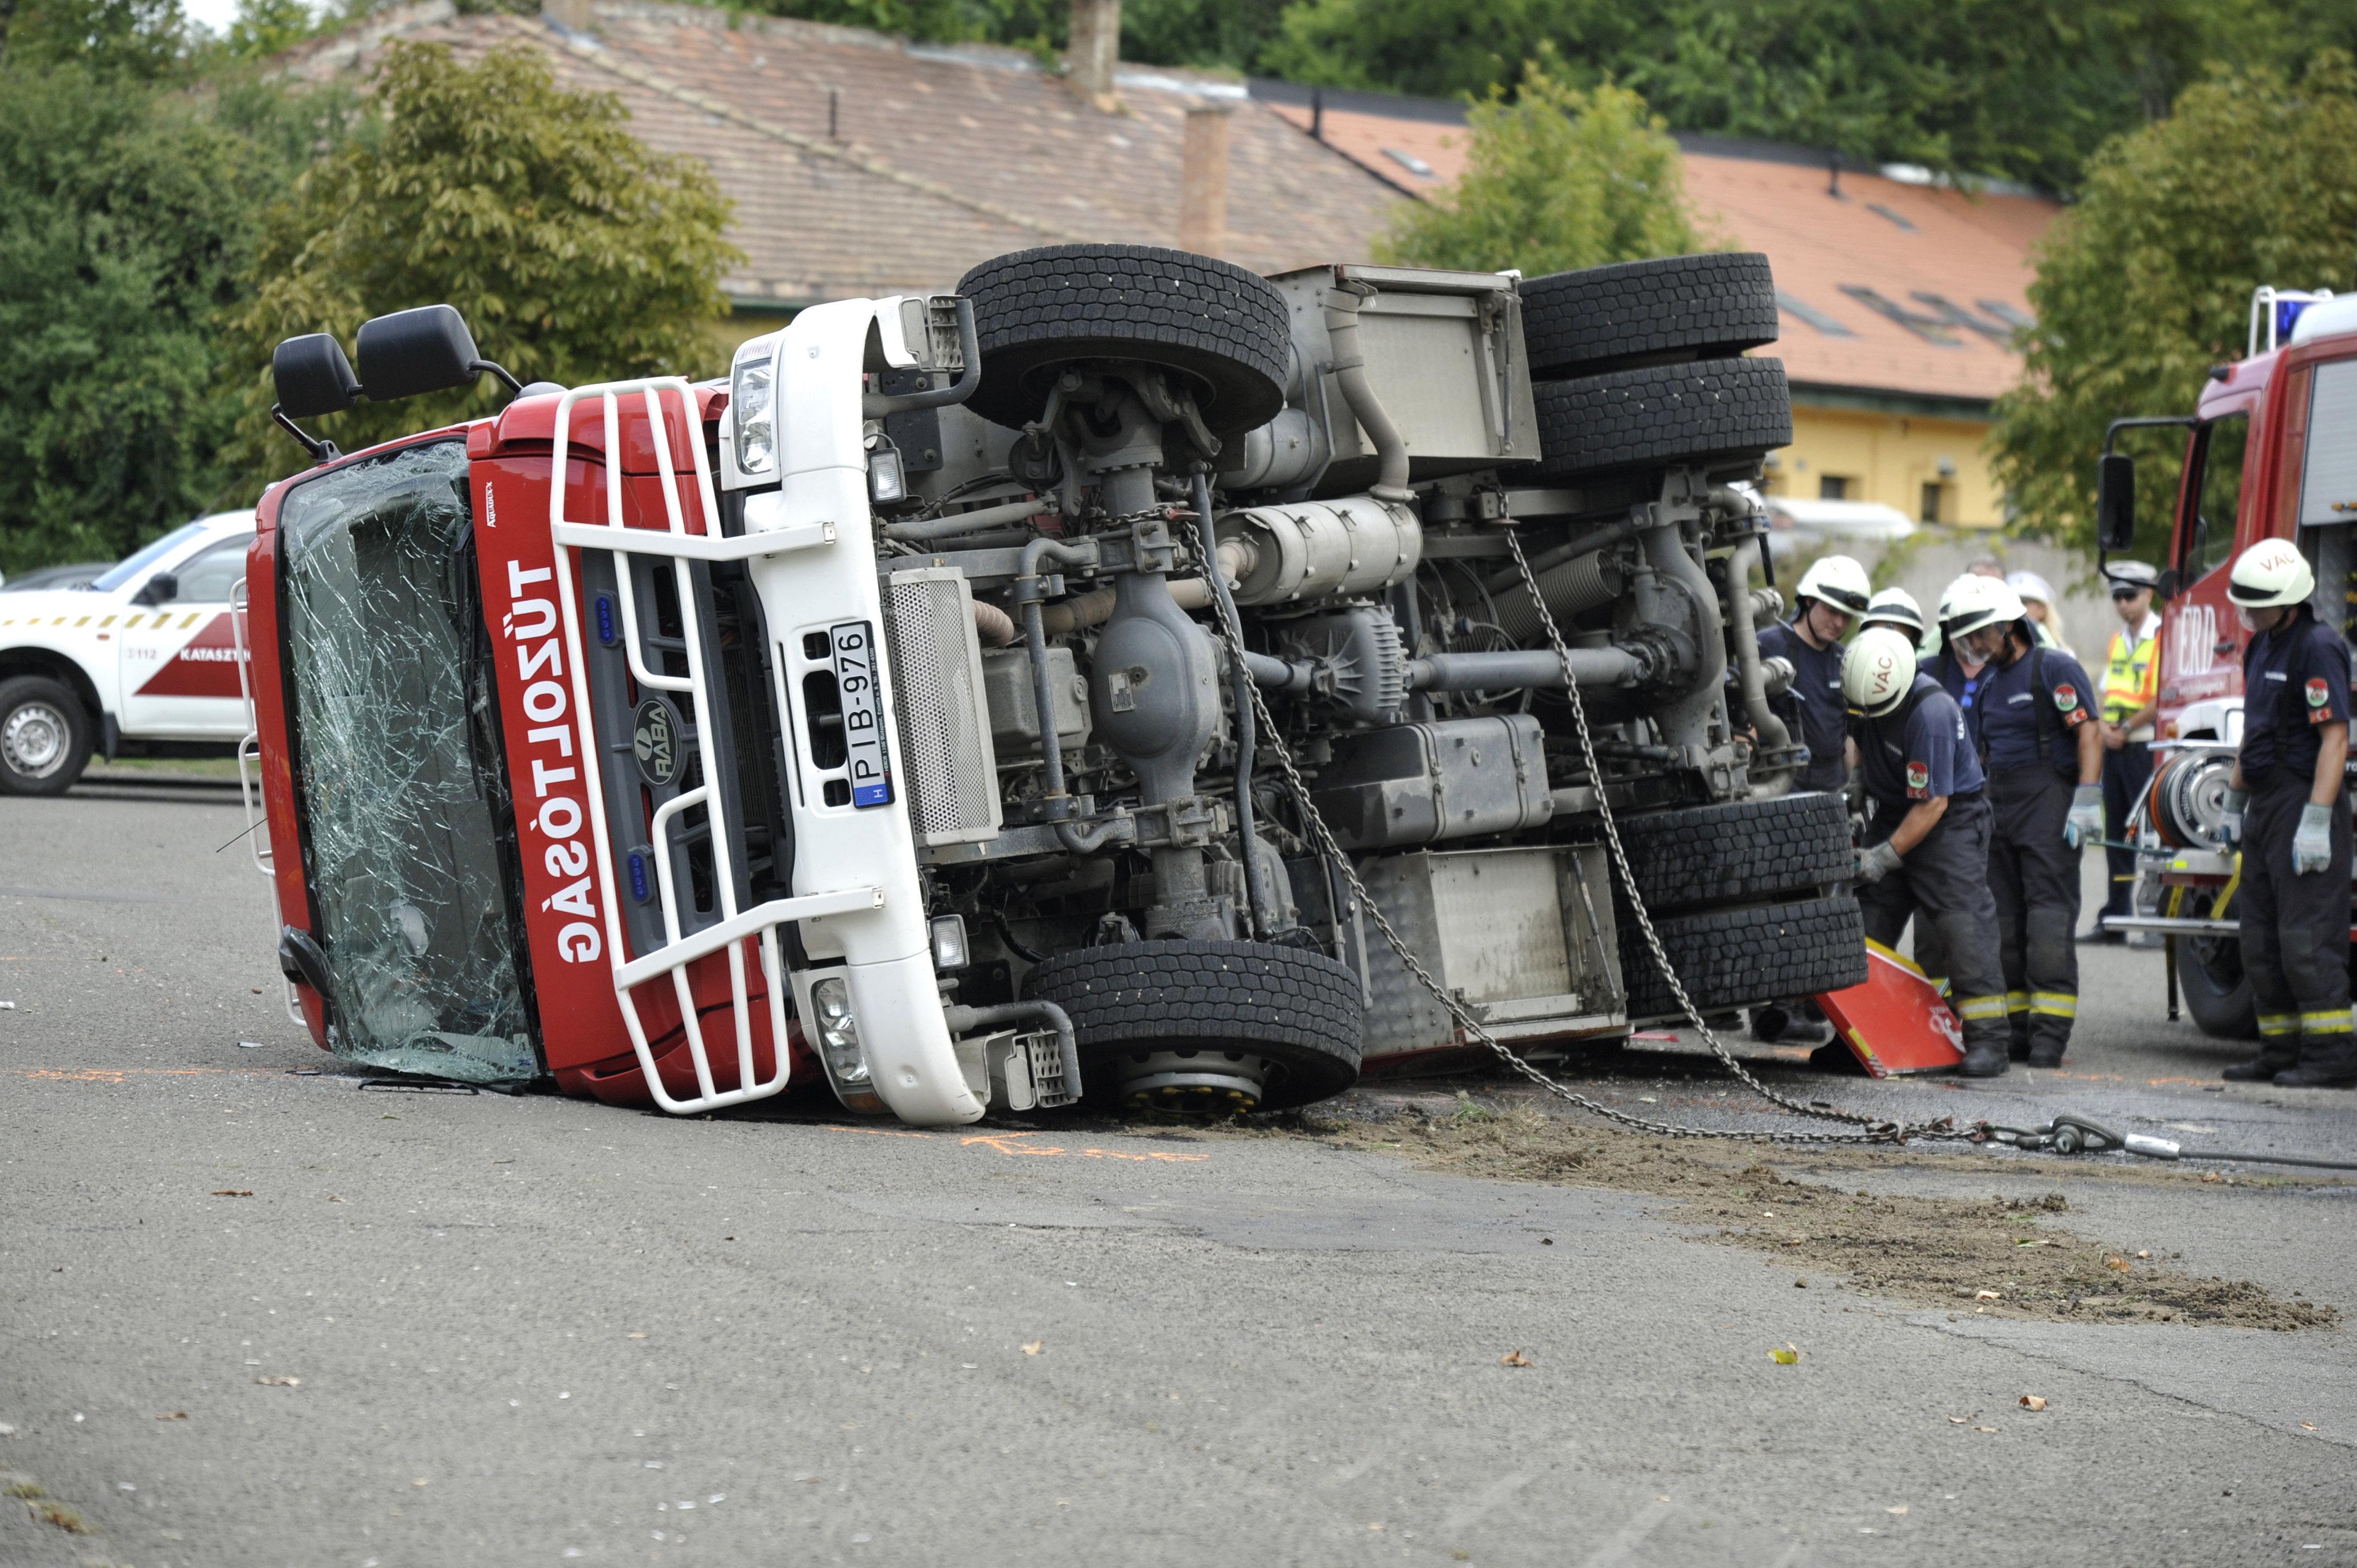 Lerobbannak és balesetveszélyesek az itthon gyártott tűzoltóautók, de ugyanitt gyártják majd a mentőket is